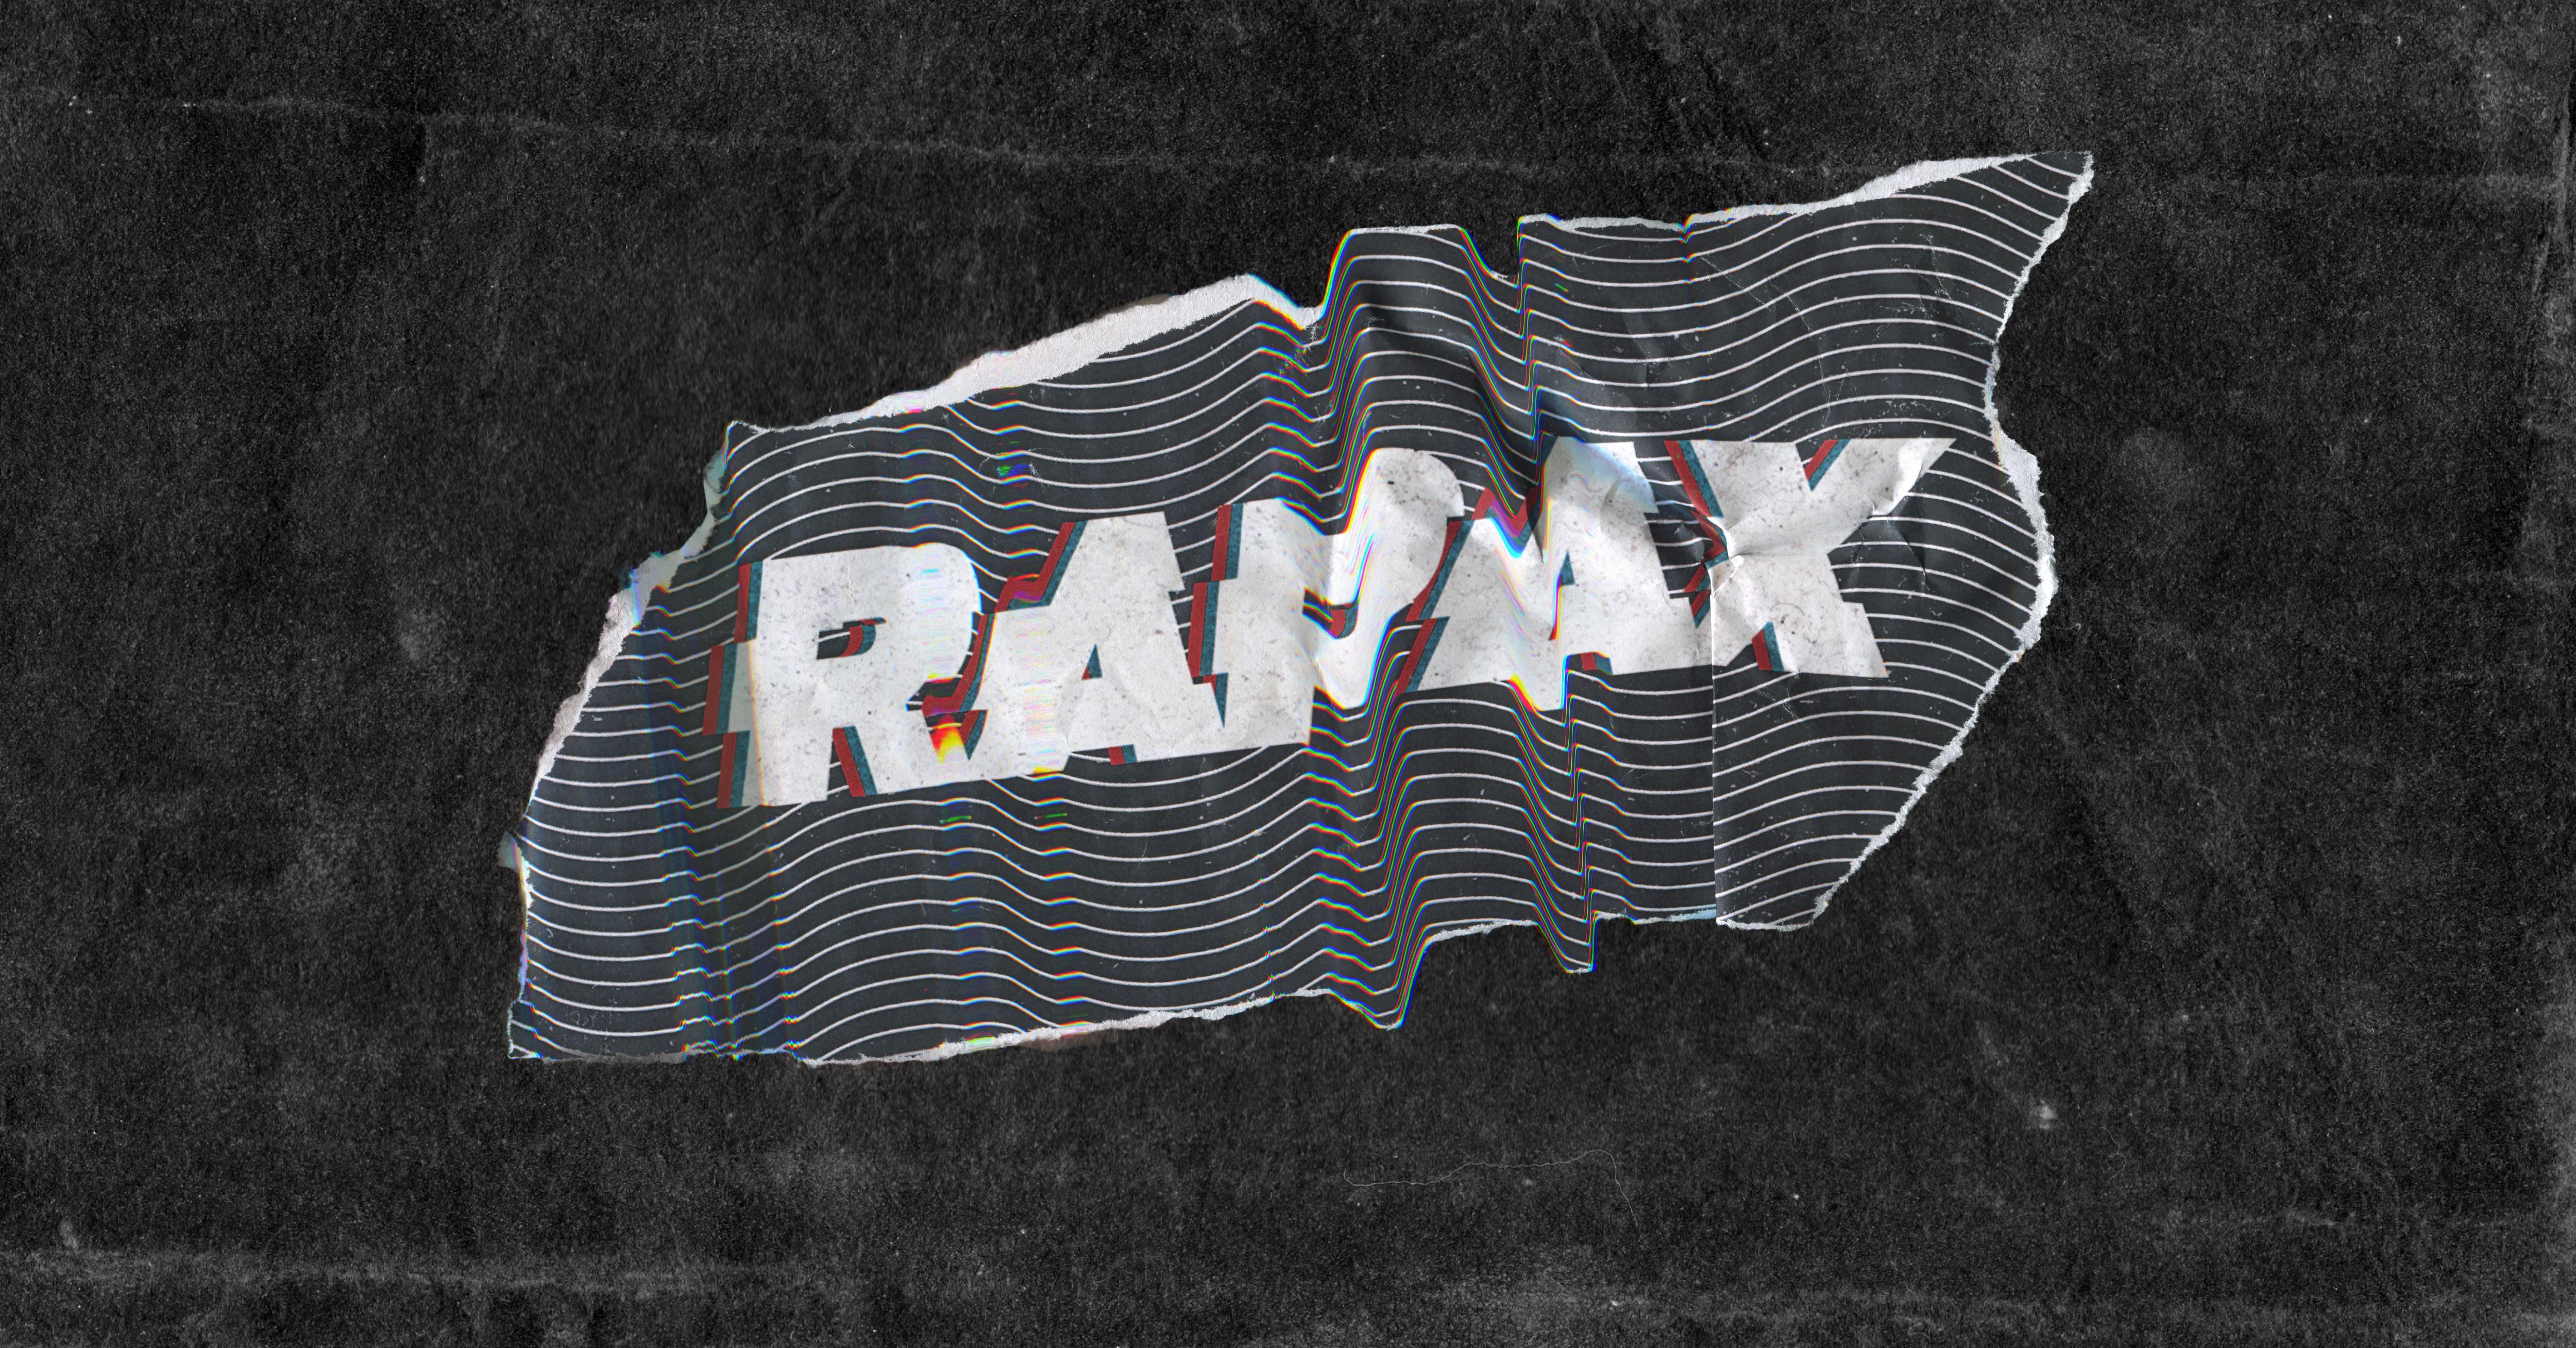 Rapax Official Site